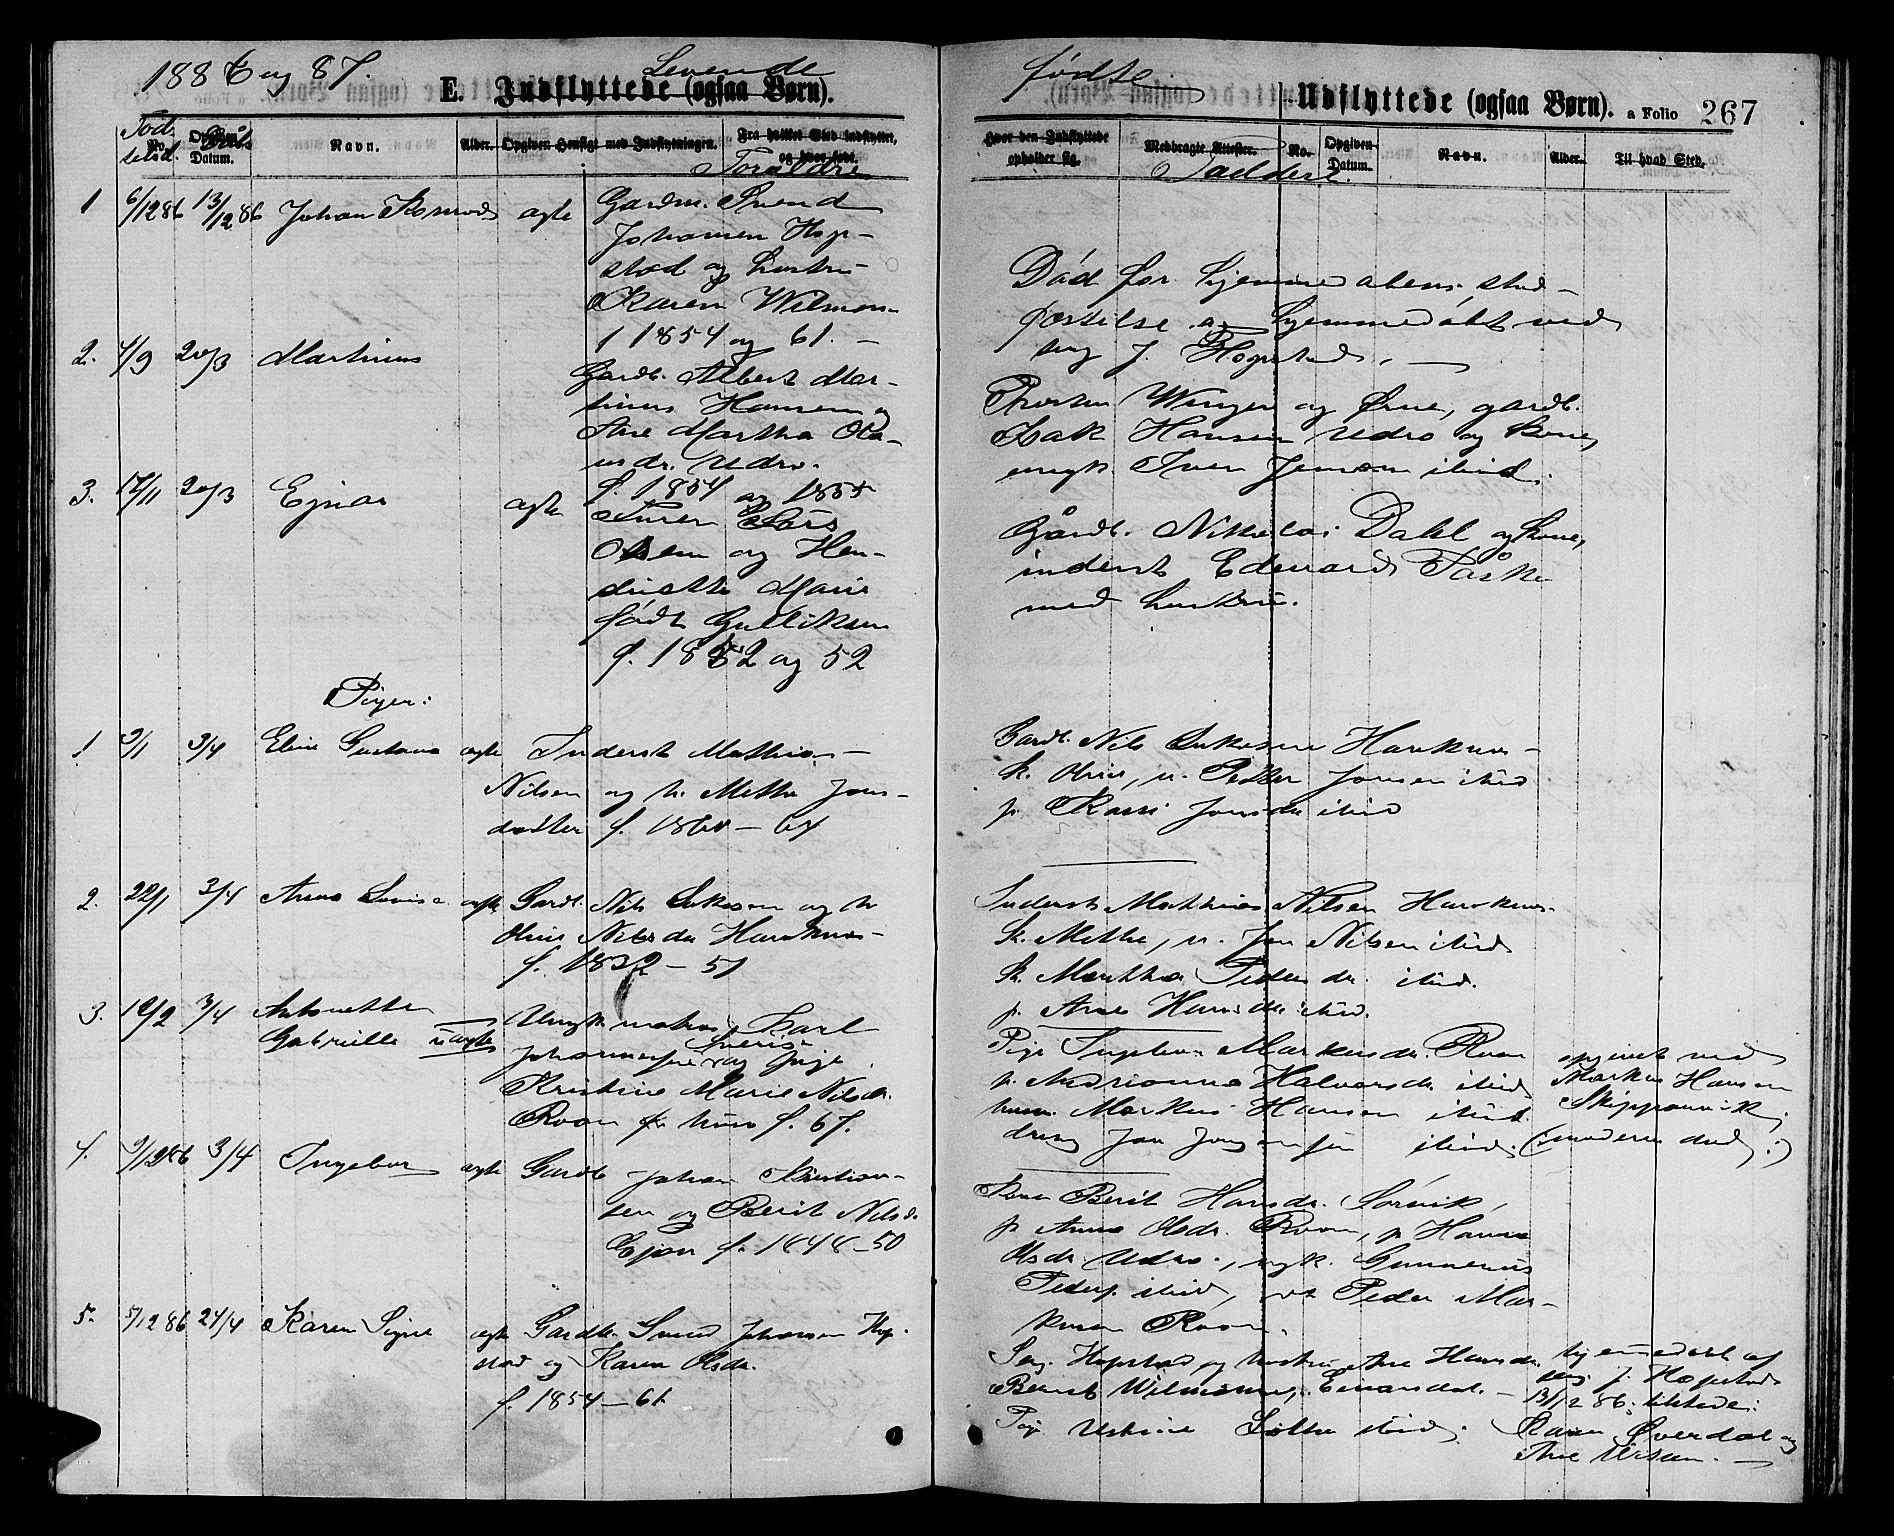 SAT, Ministerialprotokoller, klokkerbøker og fødselsregistre - Sør-Trøndelag, 657/L0715: Klokkerbok nr. 657C02, 1873-1888, s. 267